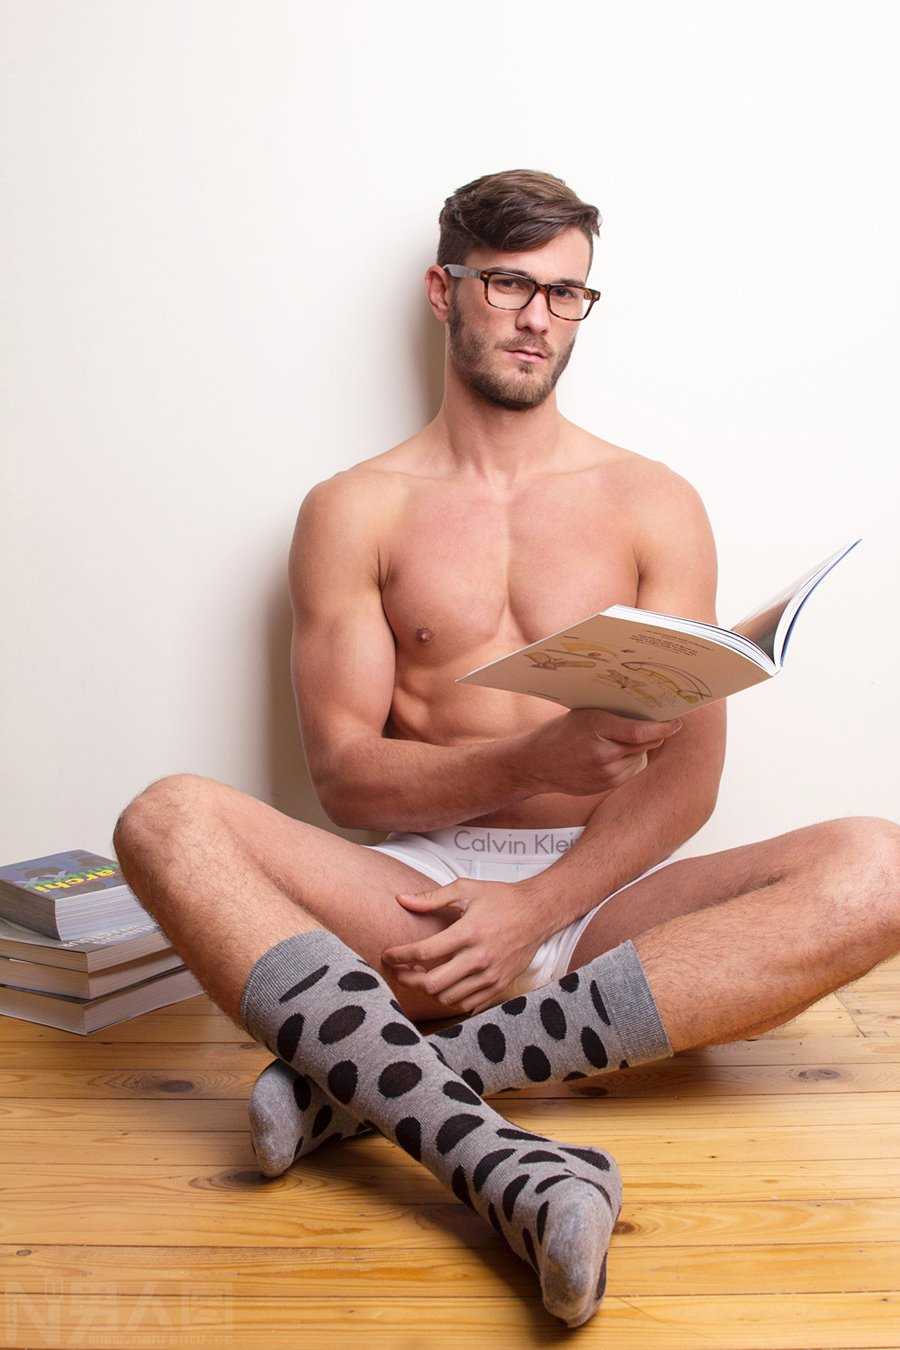 男人长胸毛说明啥-男人养生-肌肉帅哥内裤凸起 帅哥的jj